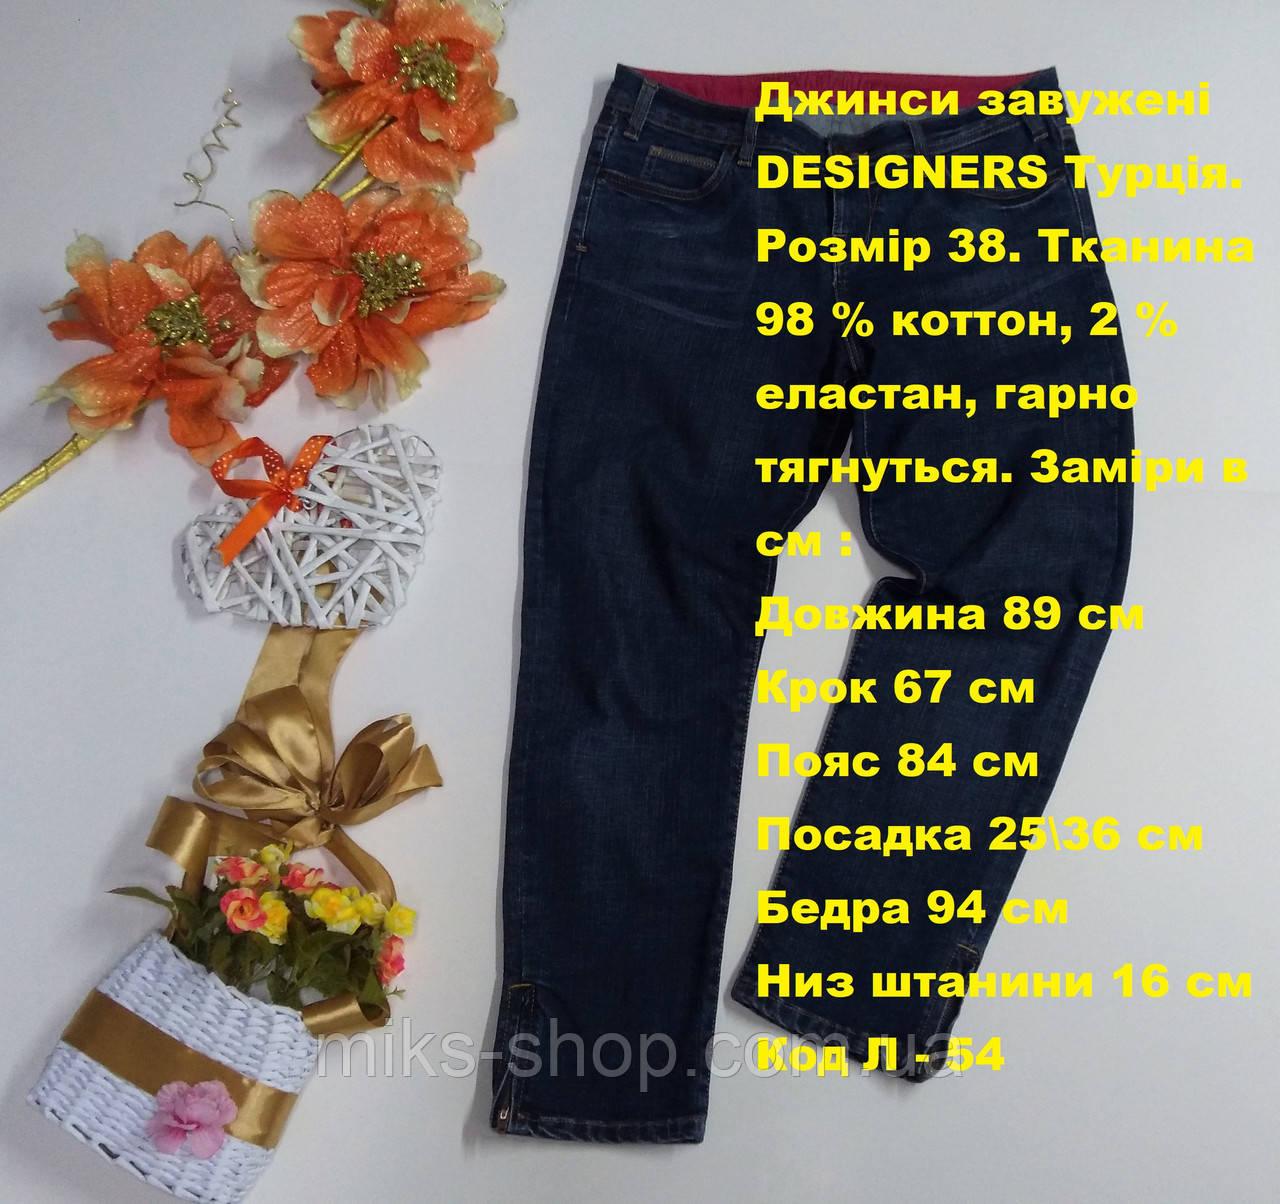 Джинсы зауженные DESIGNERS Турция Размер 38